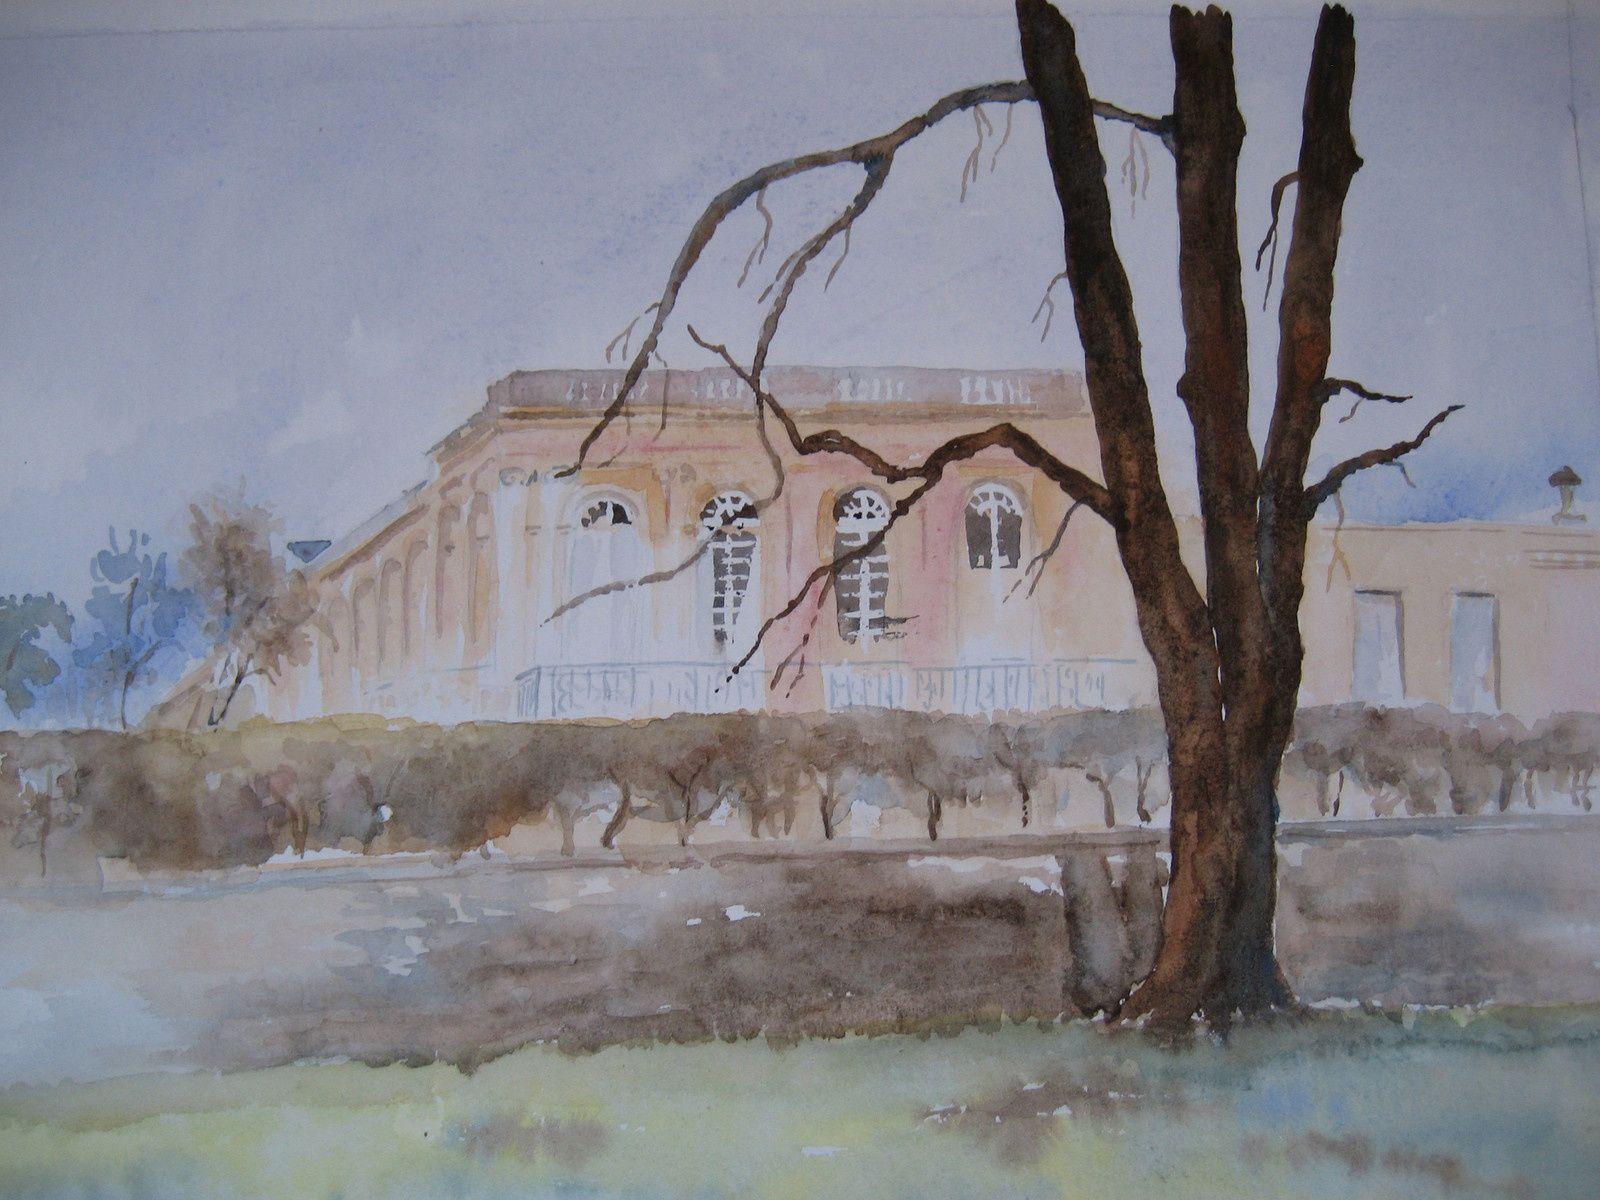 Le Hameau de la Reine et le Grand Trianon. Le temps était pluvieux, mais favorable à l'aquarelle...